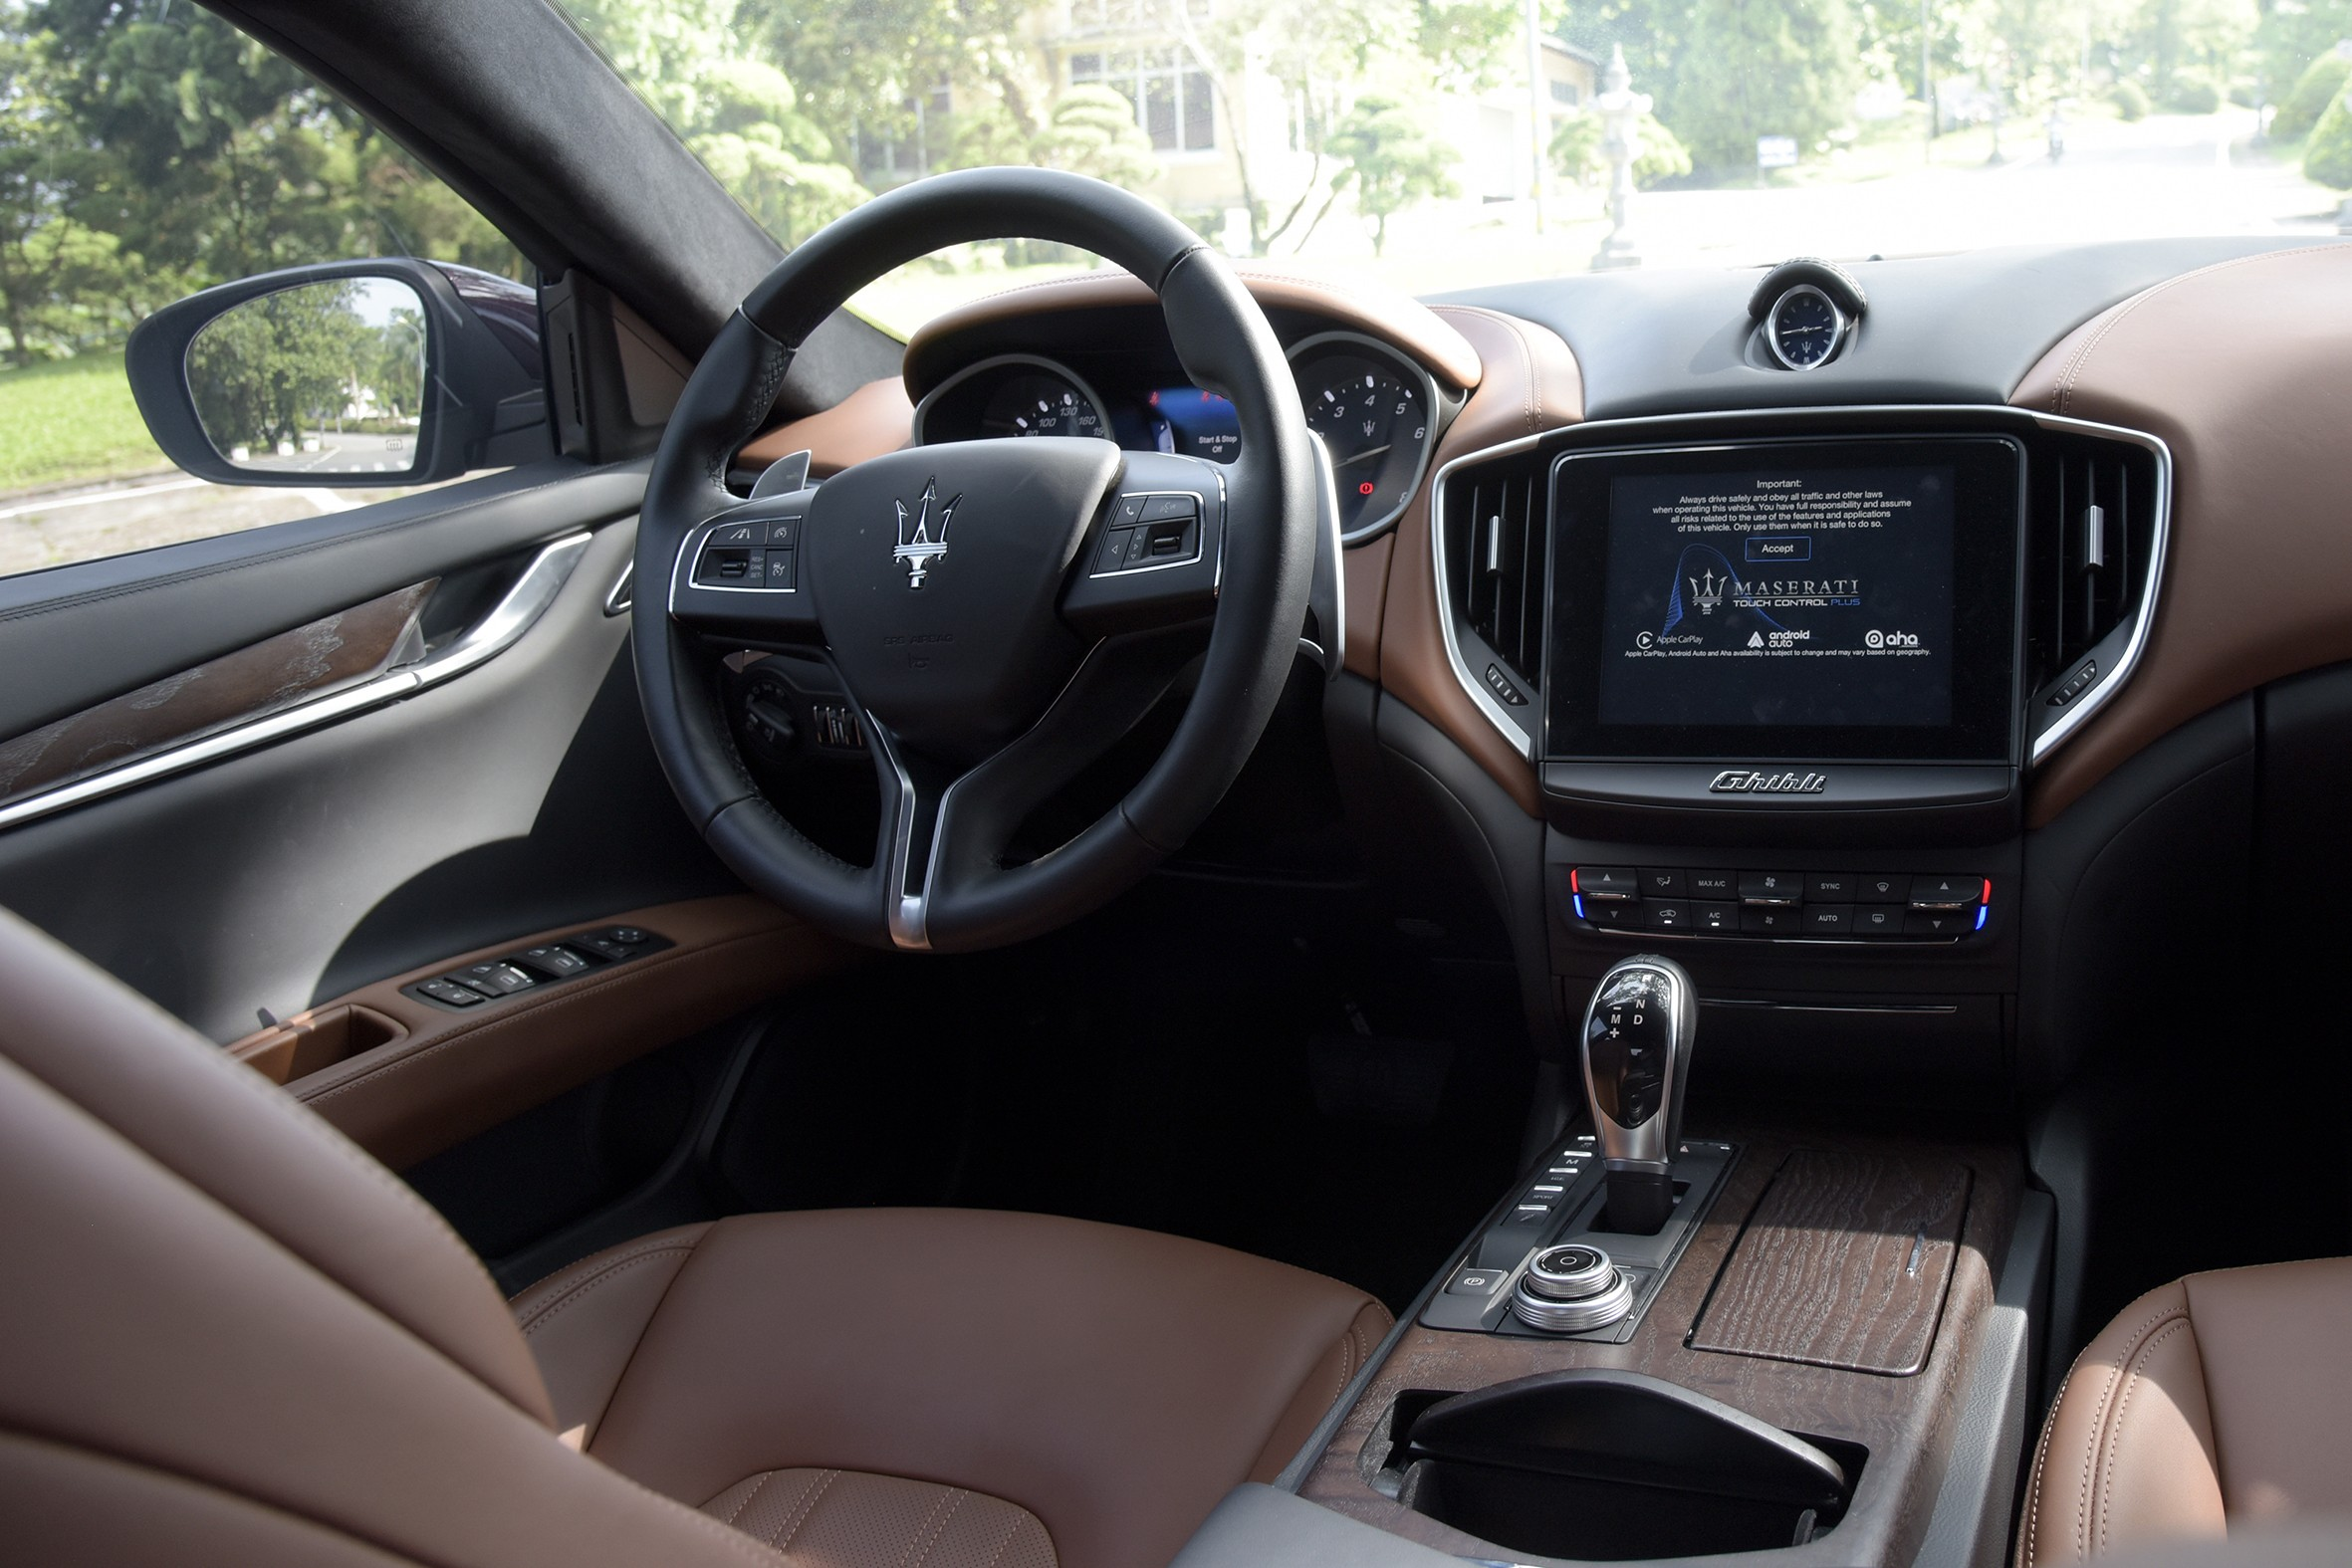 Xe++ - Maserati Ghibli - Sự trở về của vị thần biển cả (Hình 4).